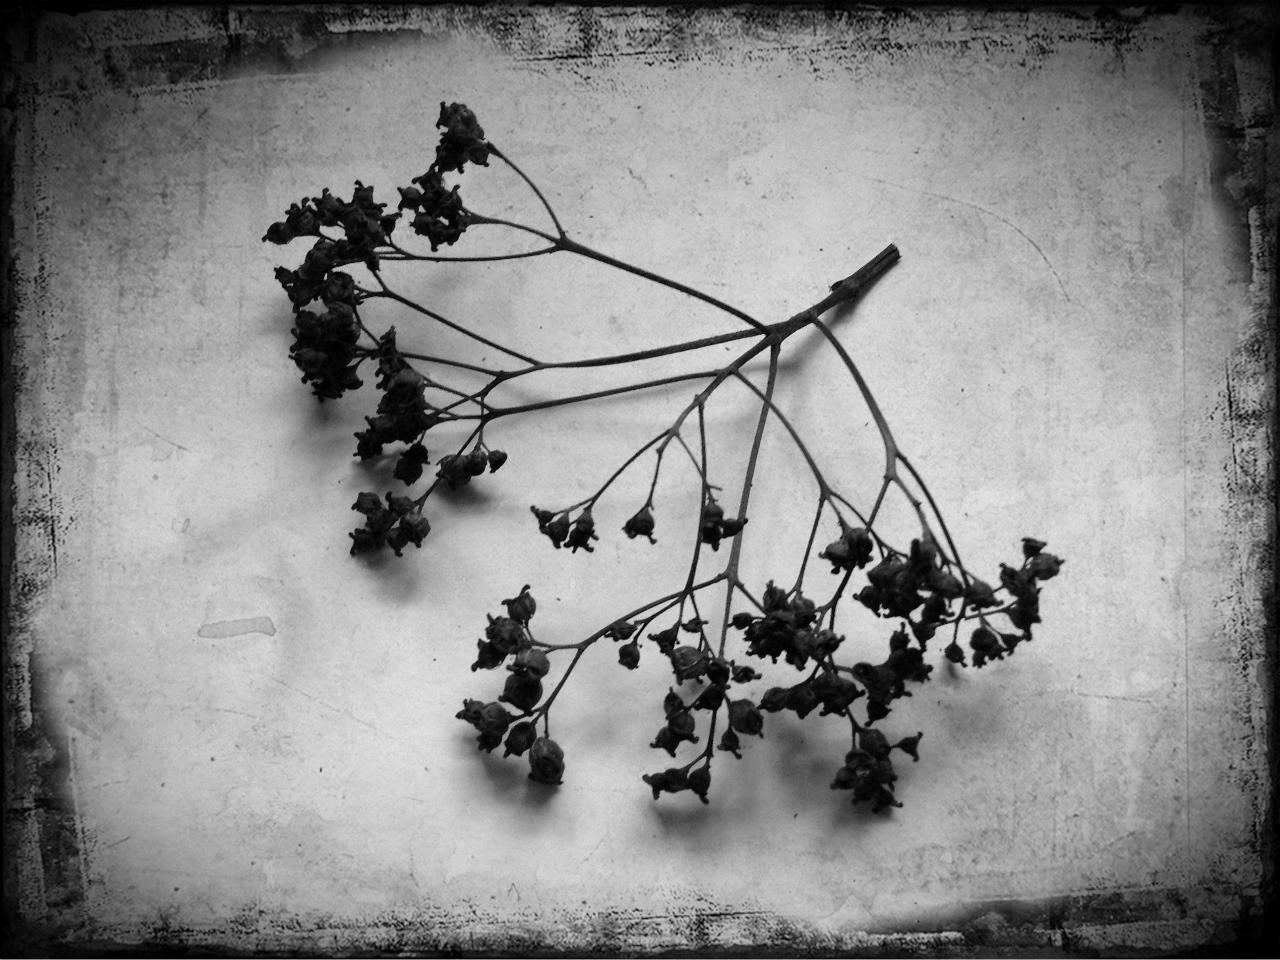 In the Winter Garden, 1